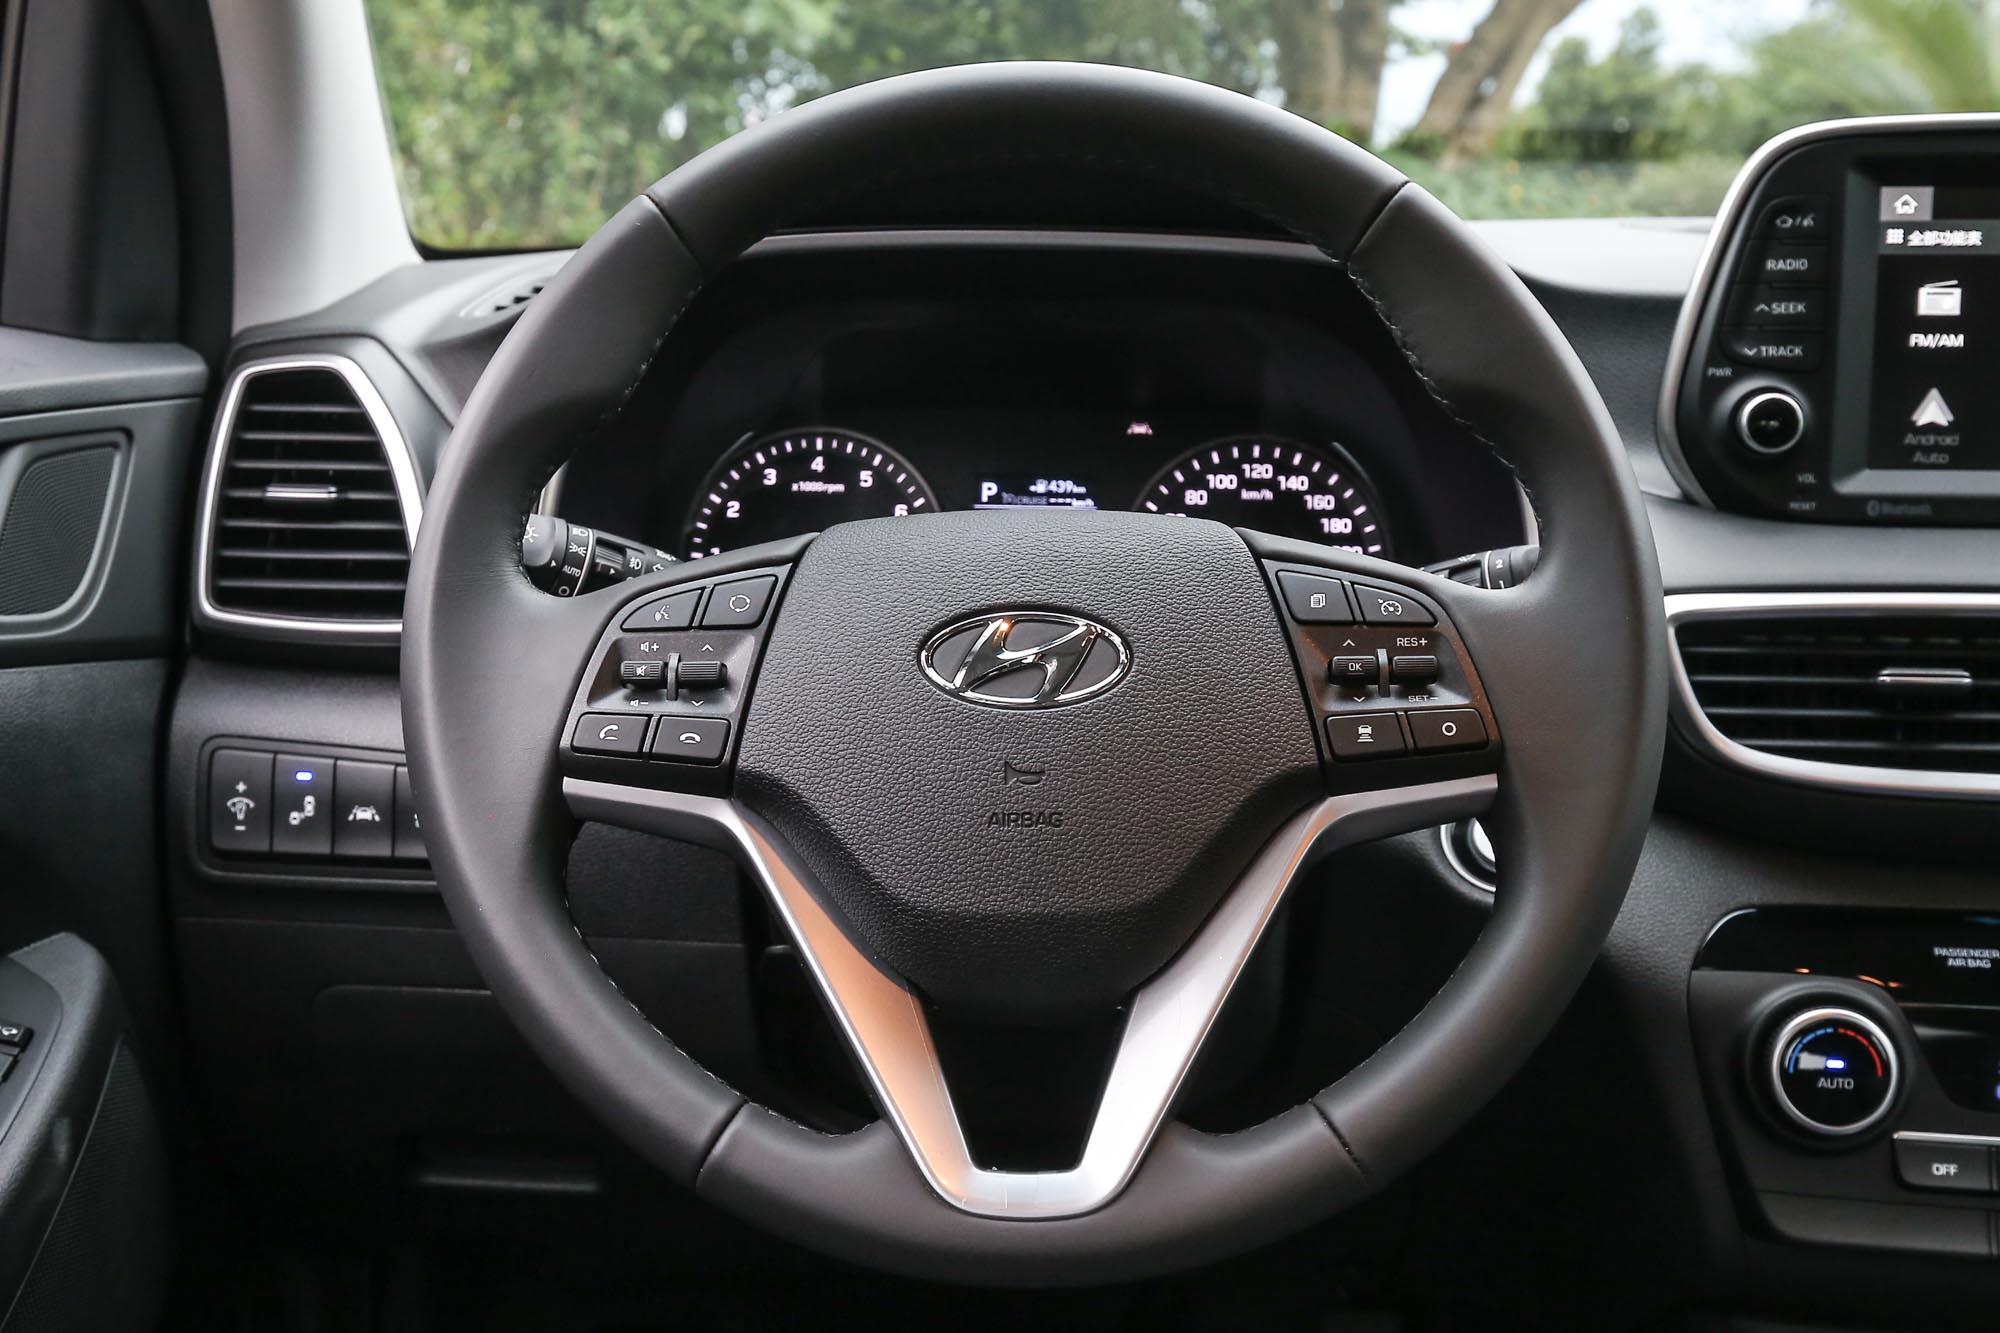 多功能方向盤具備四向可調整功能是全車系標配。